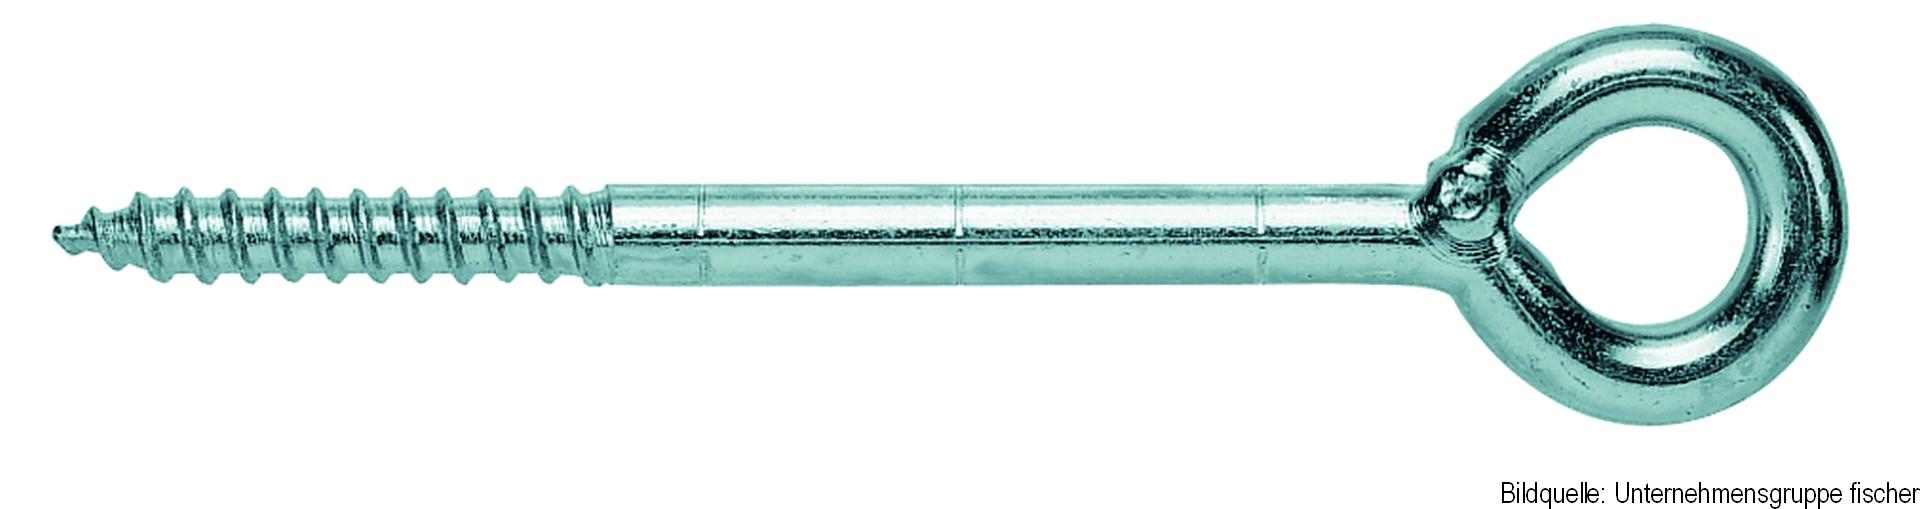 fischer GS Gerüstöse, Gerüstschraube, 12 x 190 mm, 25-er Pack